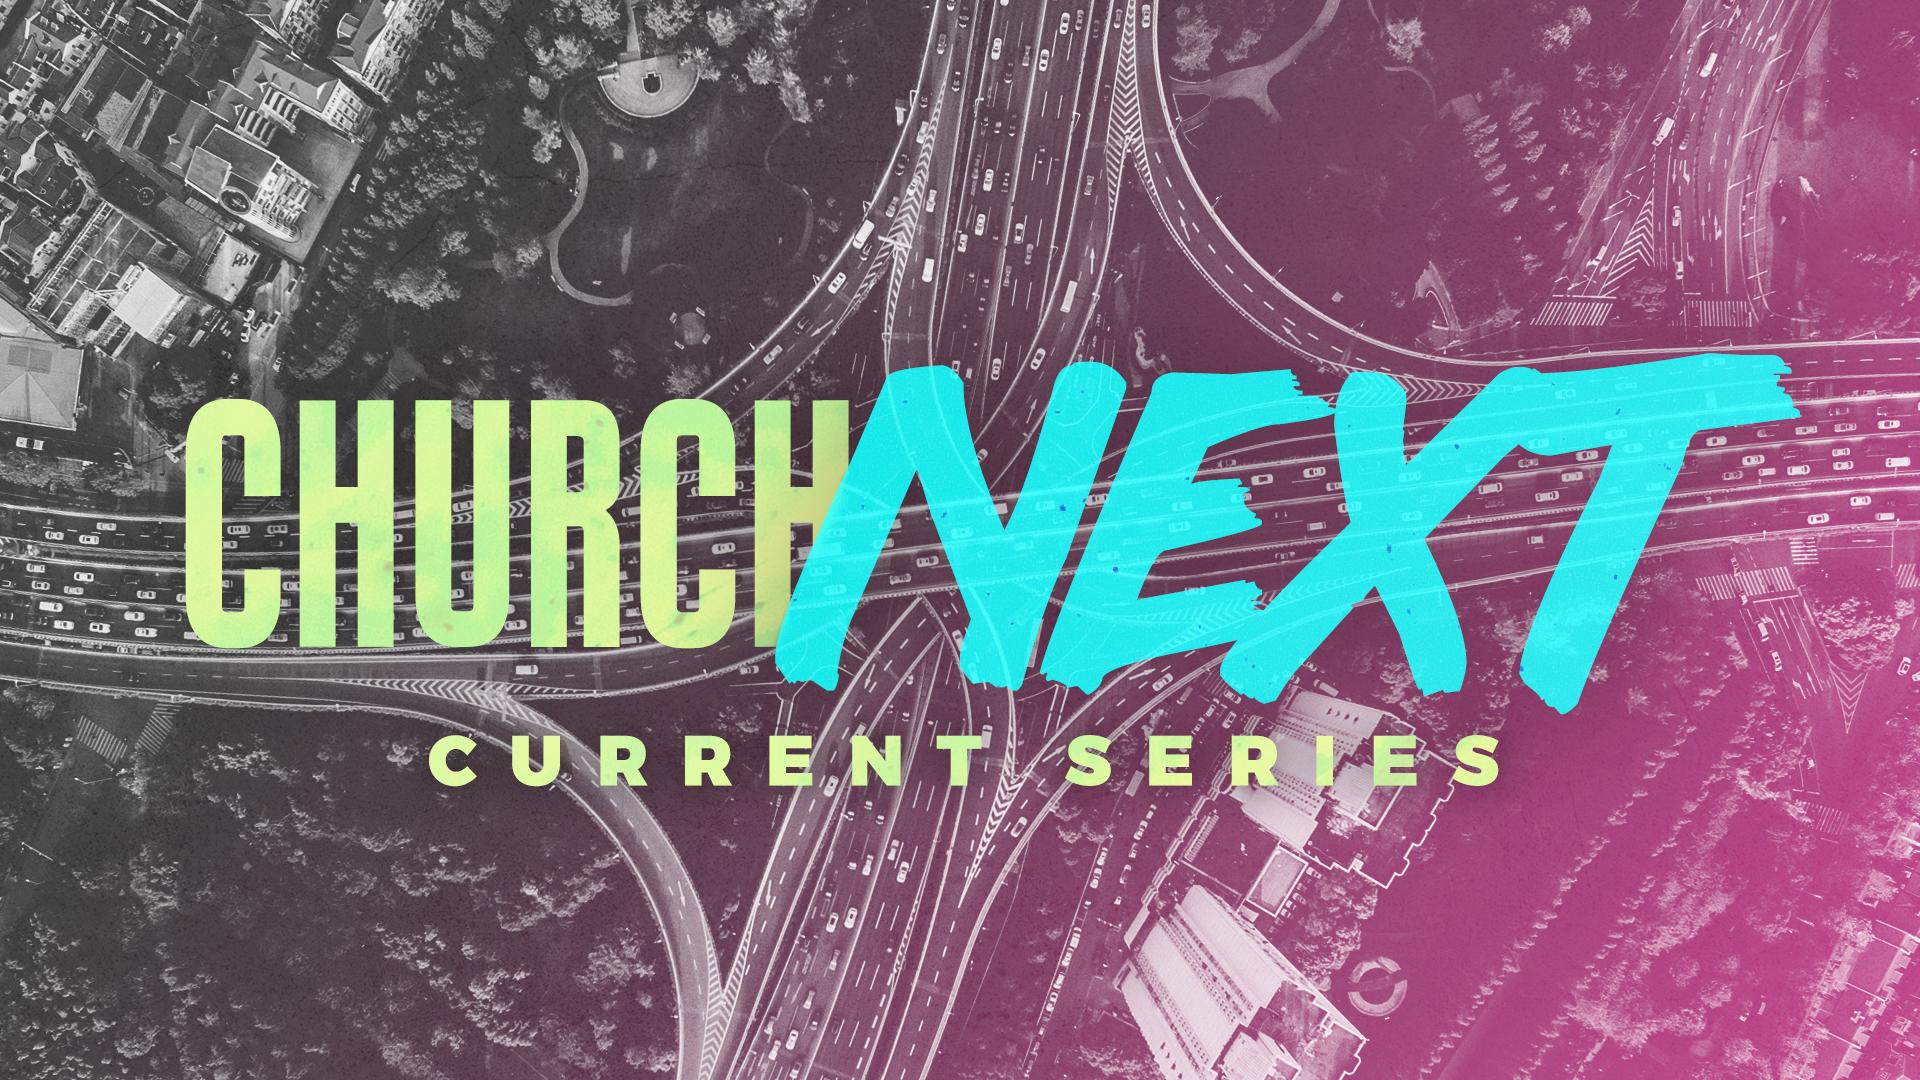 Church Next